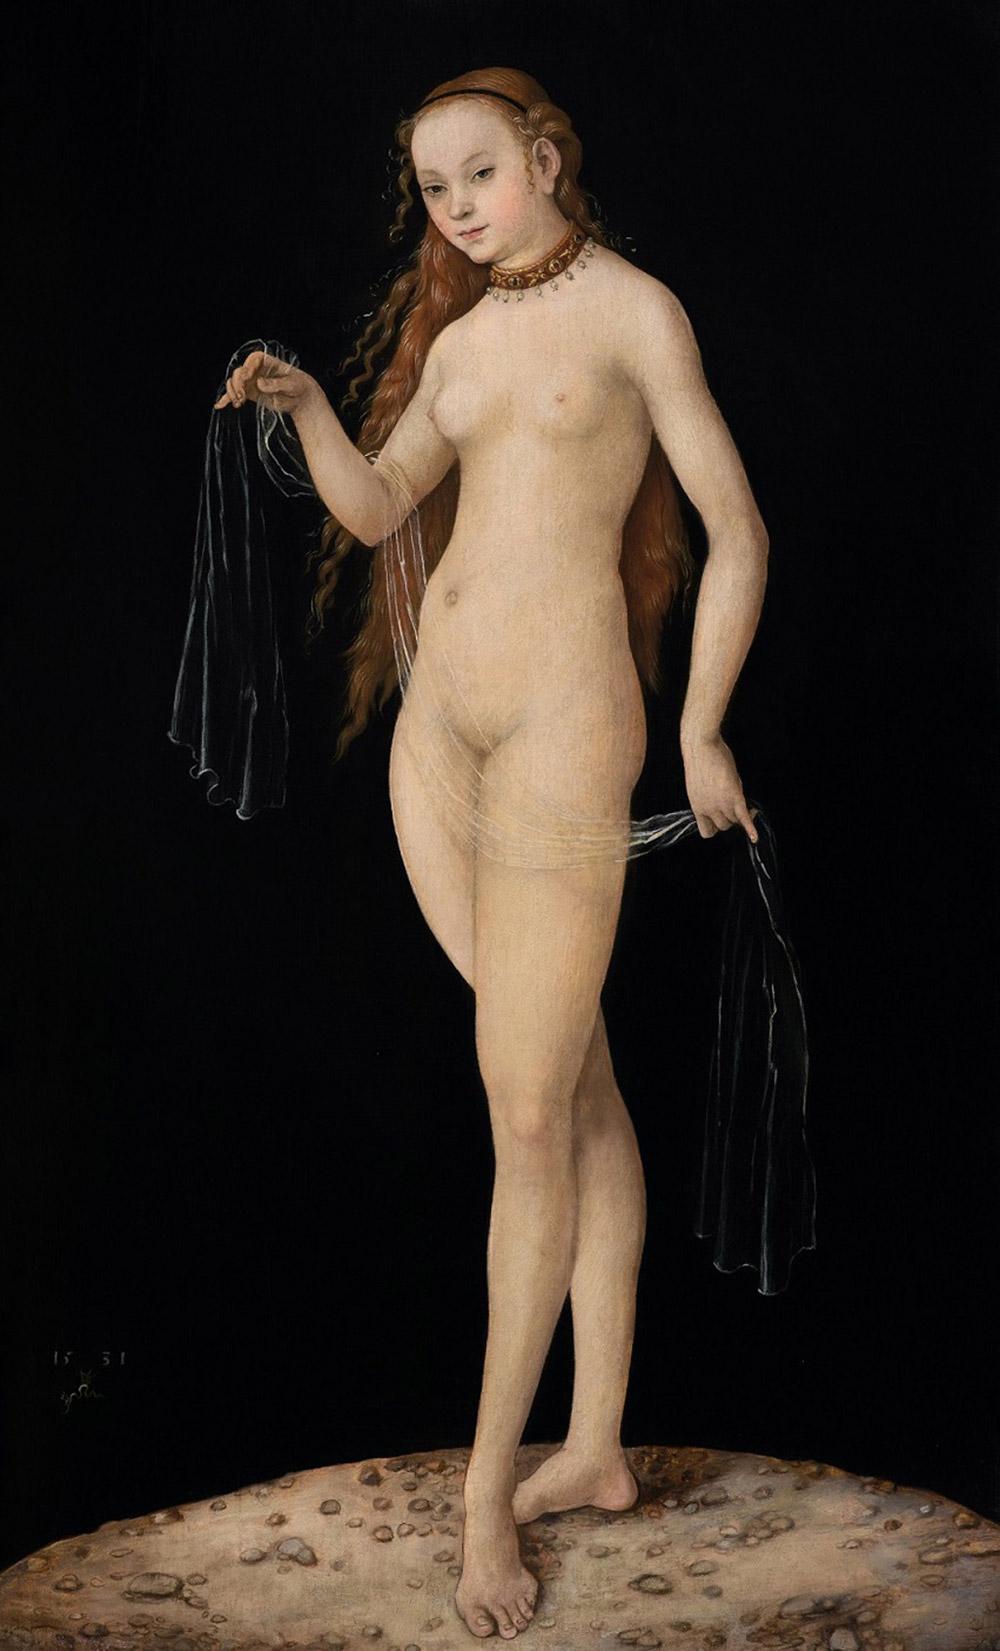 """Un des tableaux au coeur de l'affaire : """"Vénus au voile""""attribuée à Lucas Cranach,  datée « 1531 »,collection princière du Liechtenstein,"""